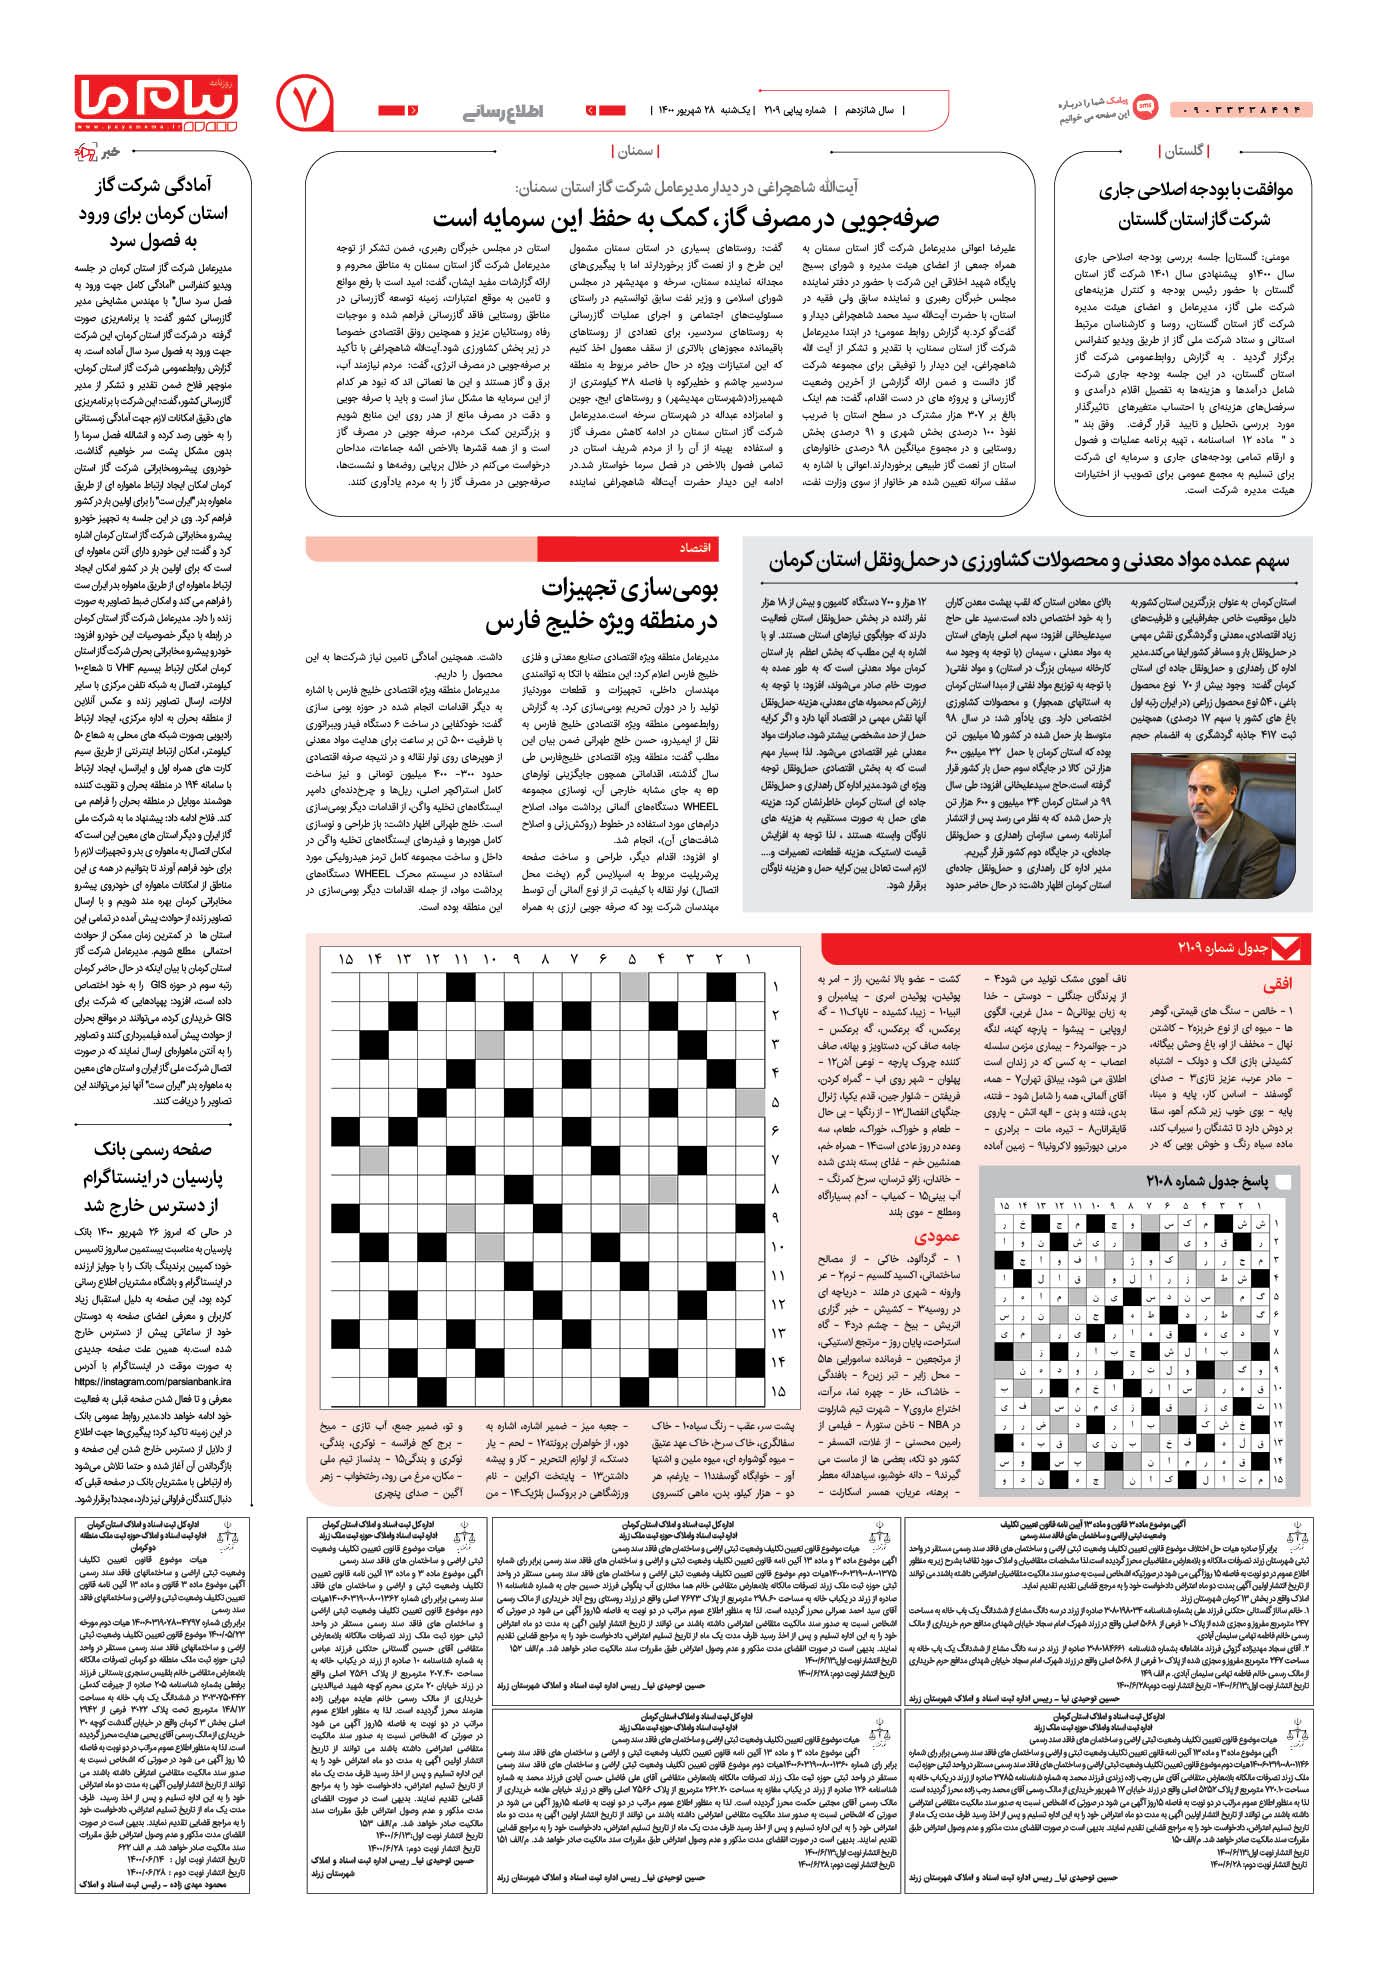 صفحه اطلاع رسانی شماره 2109 روزنامه پیام ما